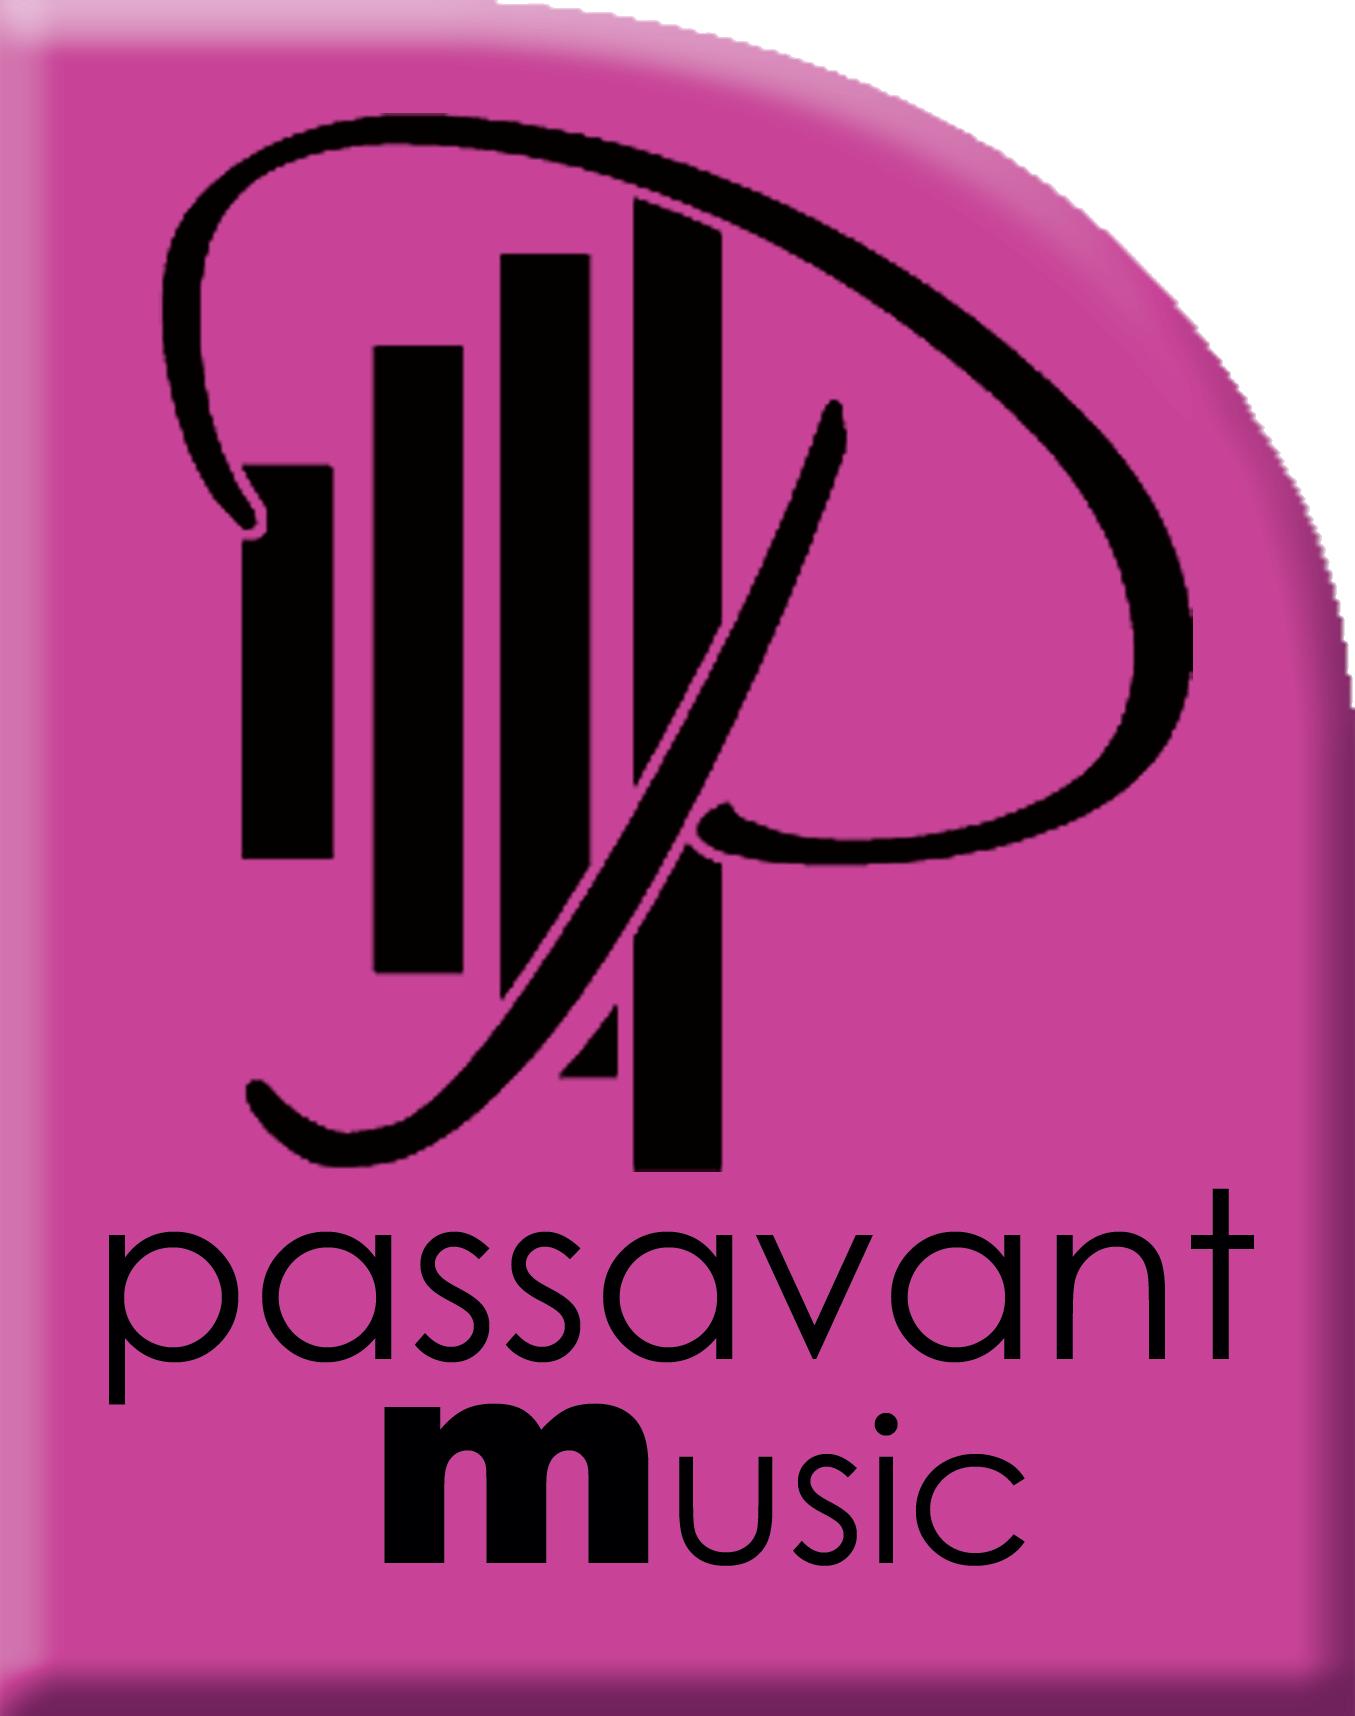 PassavantMusic